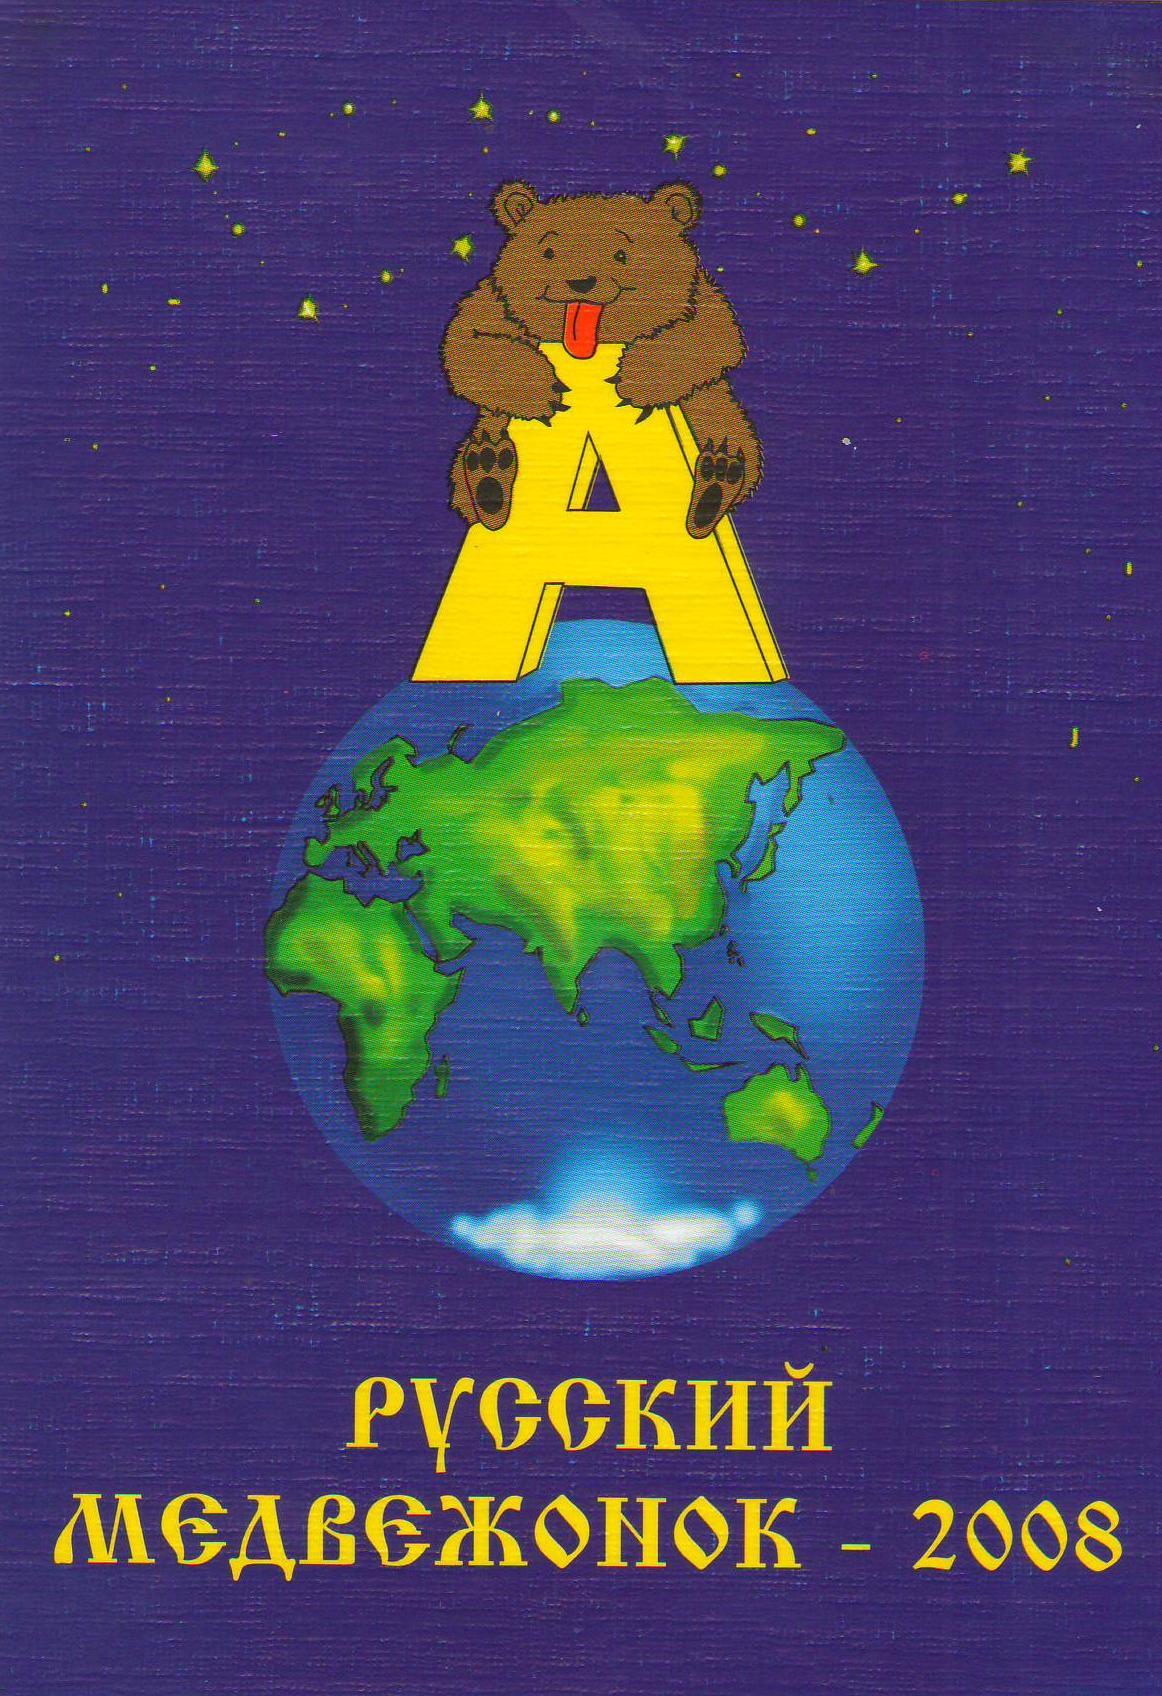 Интеллектуальный конкурс русский медвежонок 2